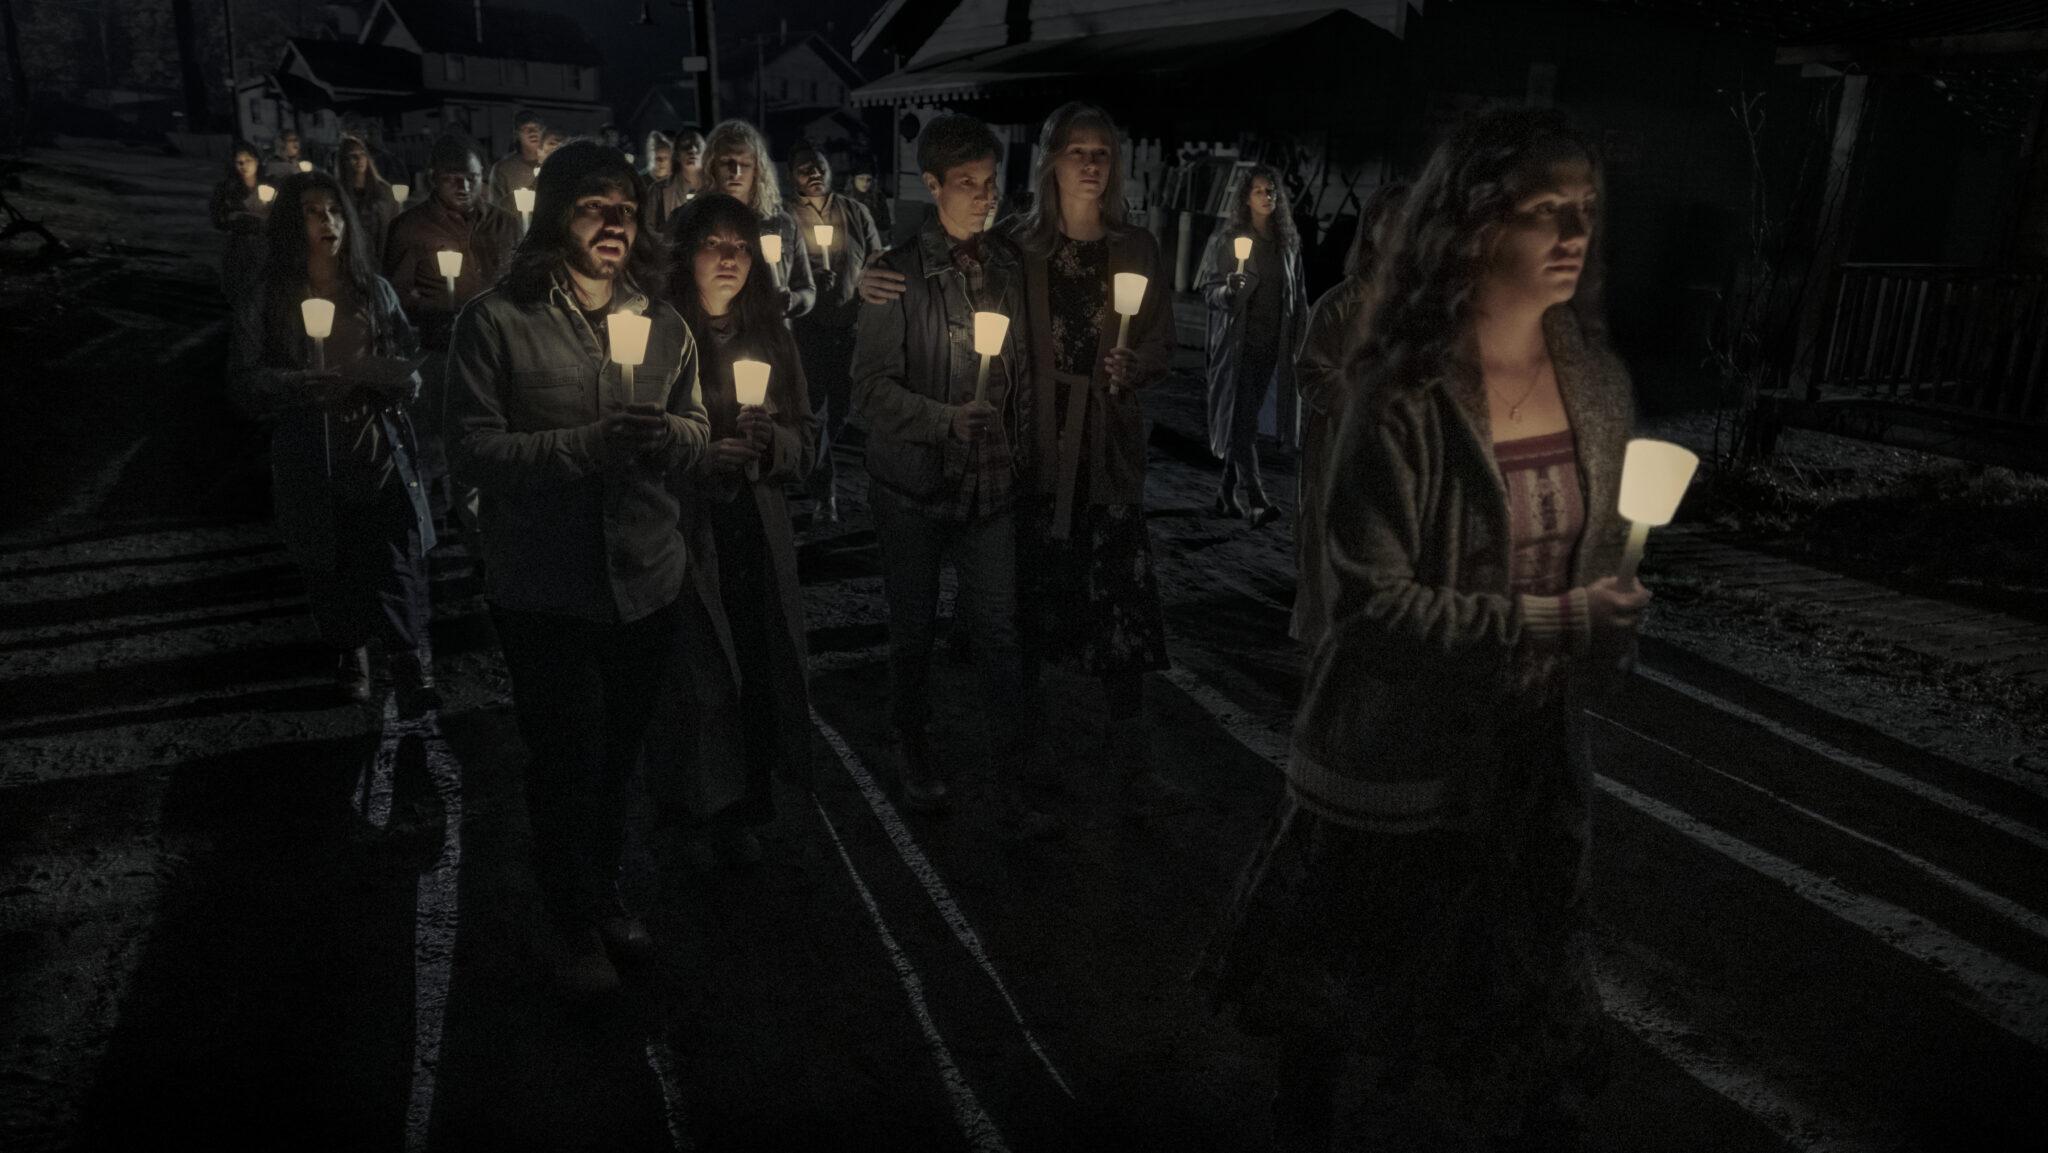 Eine Gruppe Personen im Dunkeln mit Kerzenleuchtern